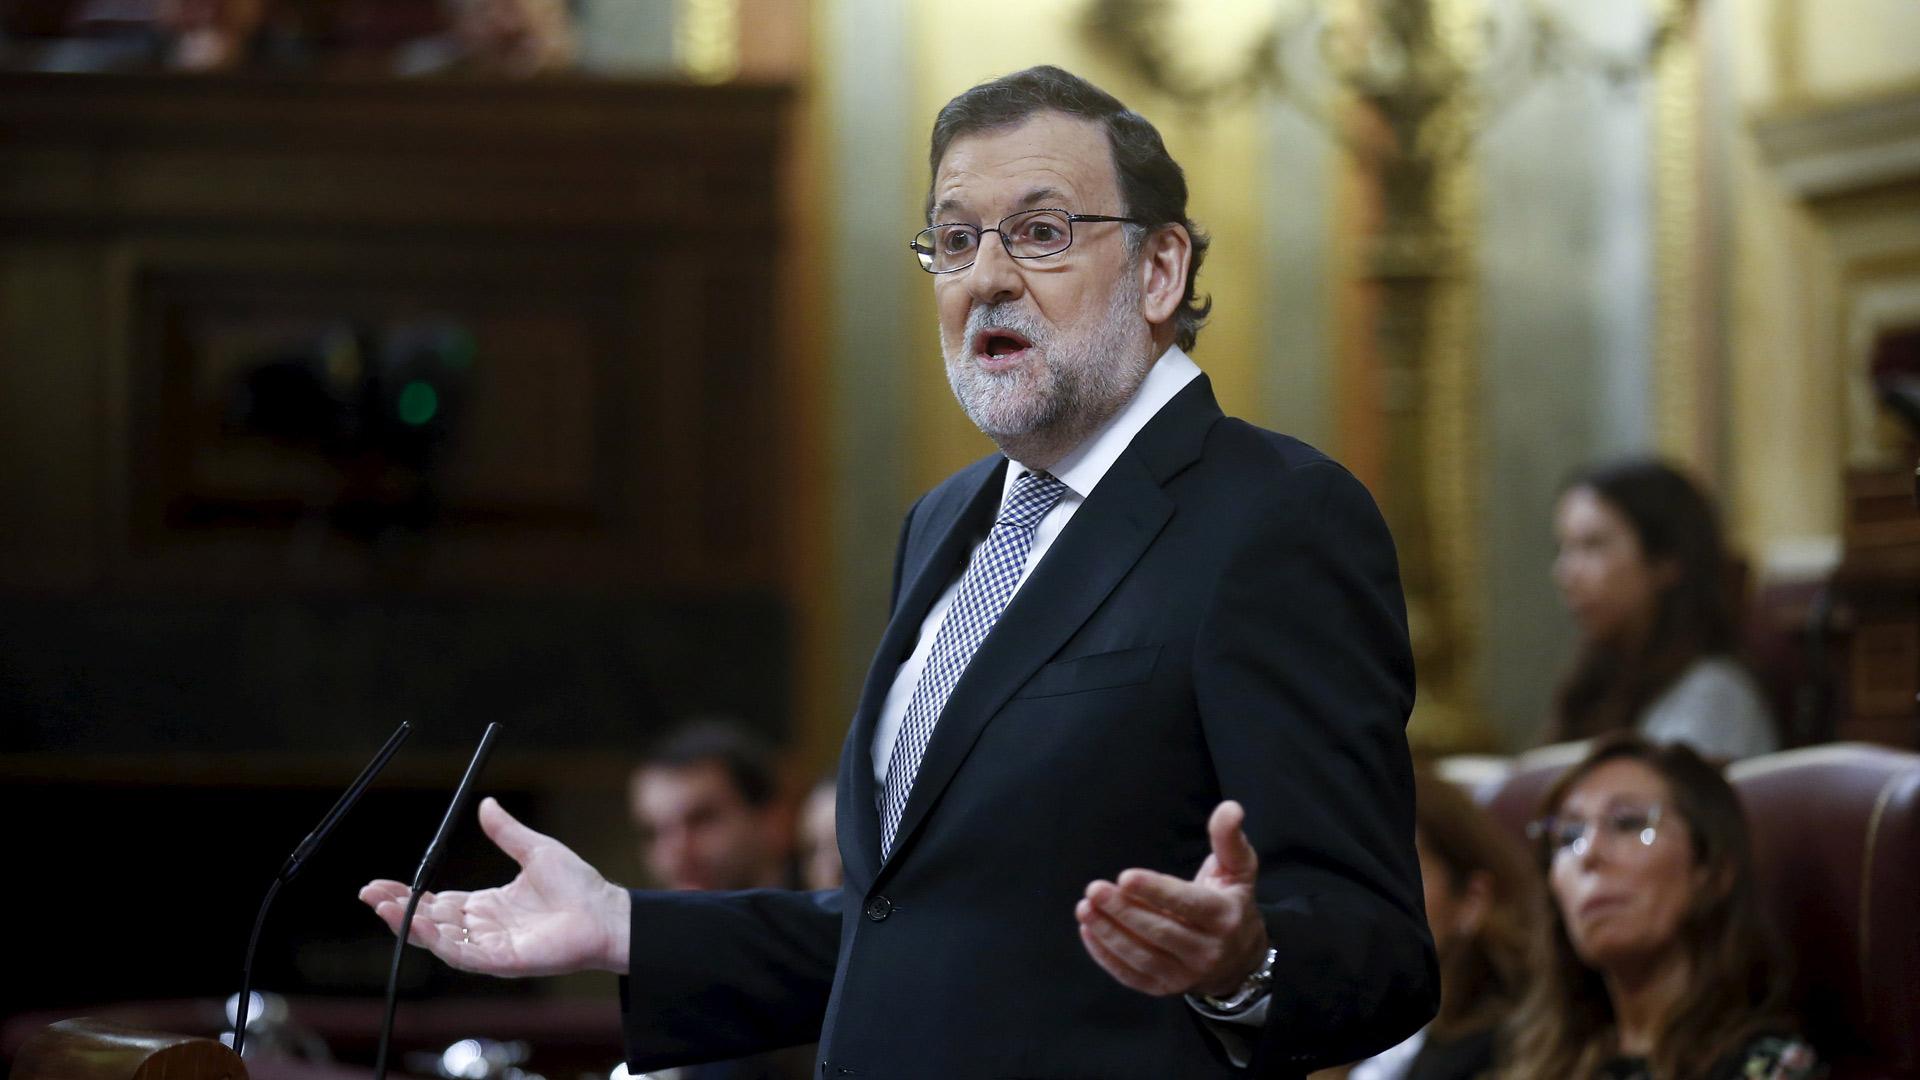 Empresarios españoles con intereses en la isla han criticado la poca presencia gubernamental española en un periodo decisivo